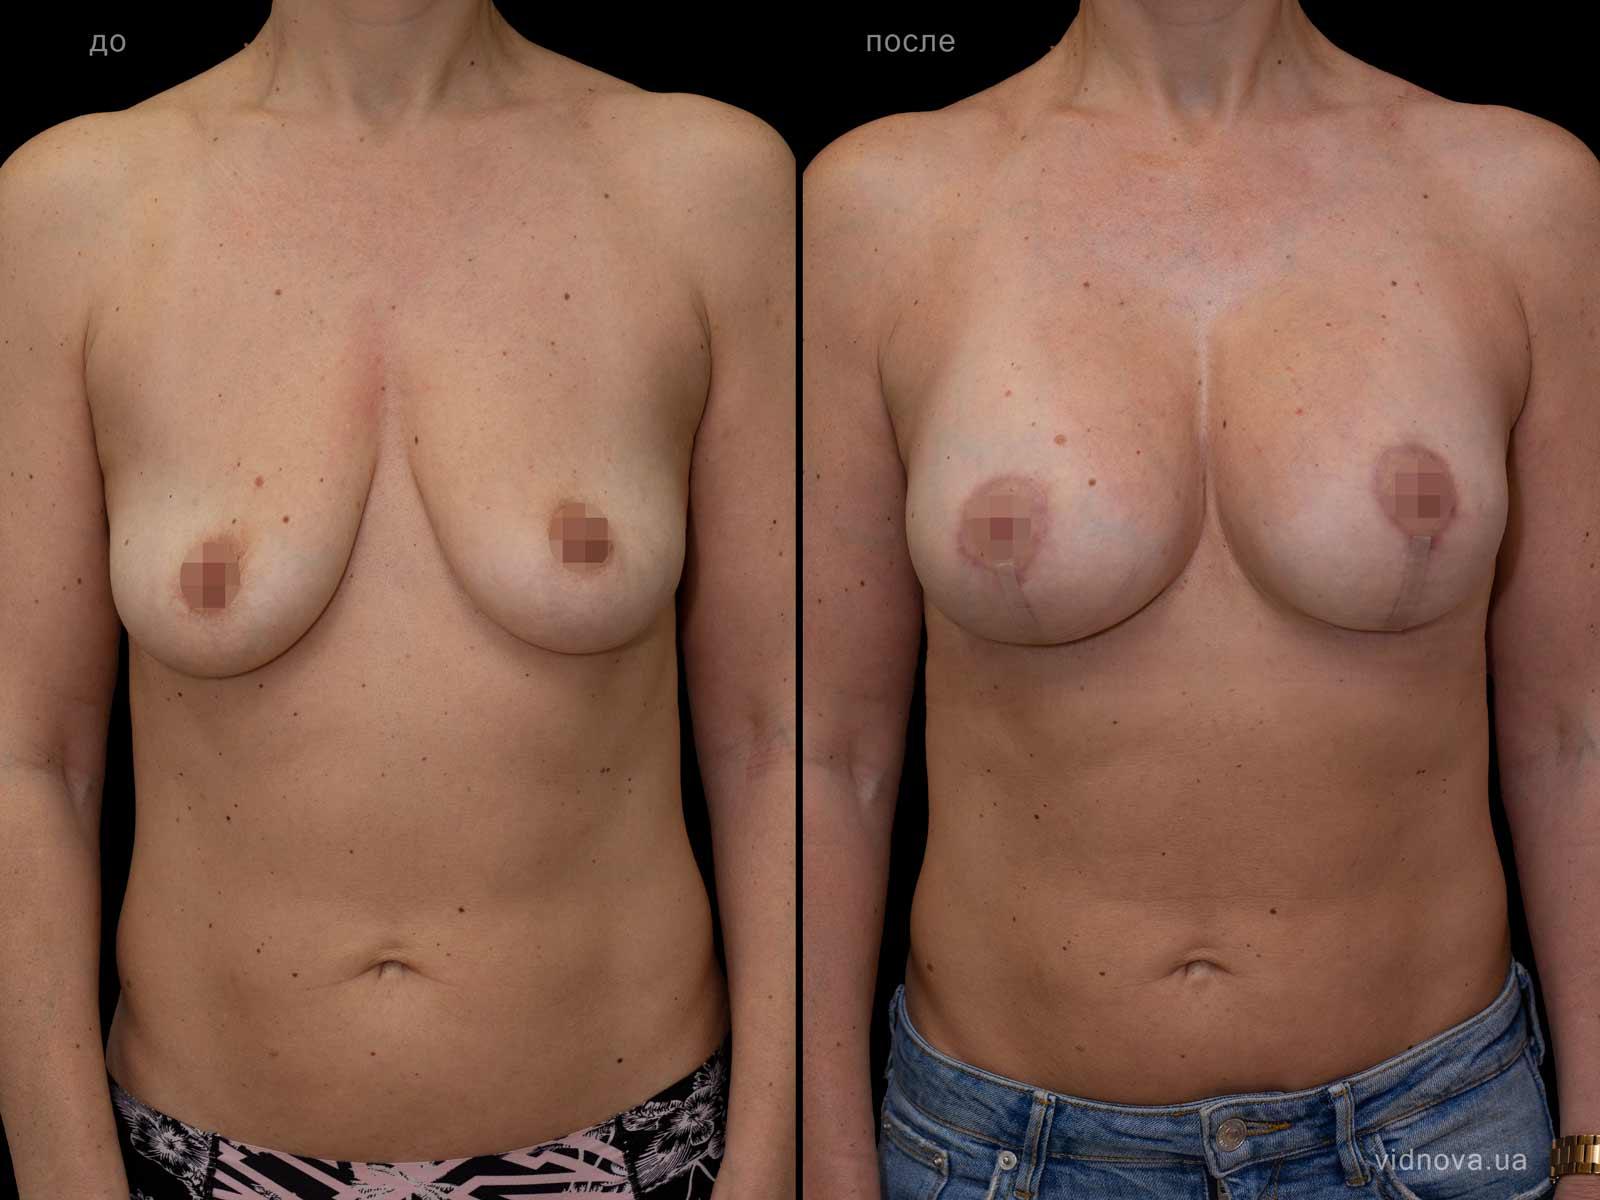 Пластика груди: результаты до и после - Пример №87-0 - Светлана Работенко